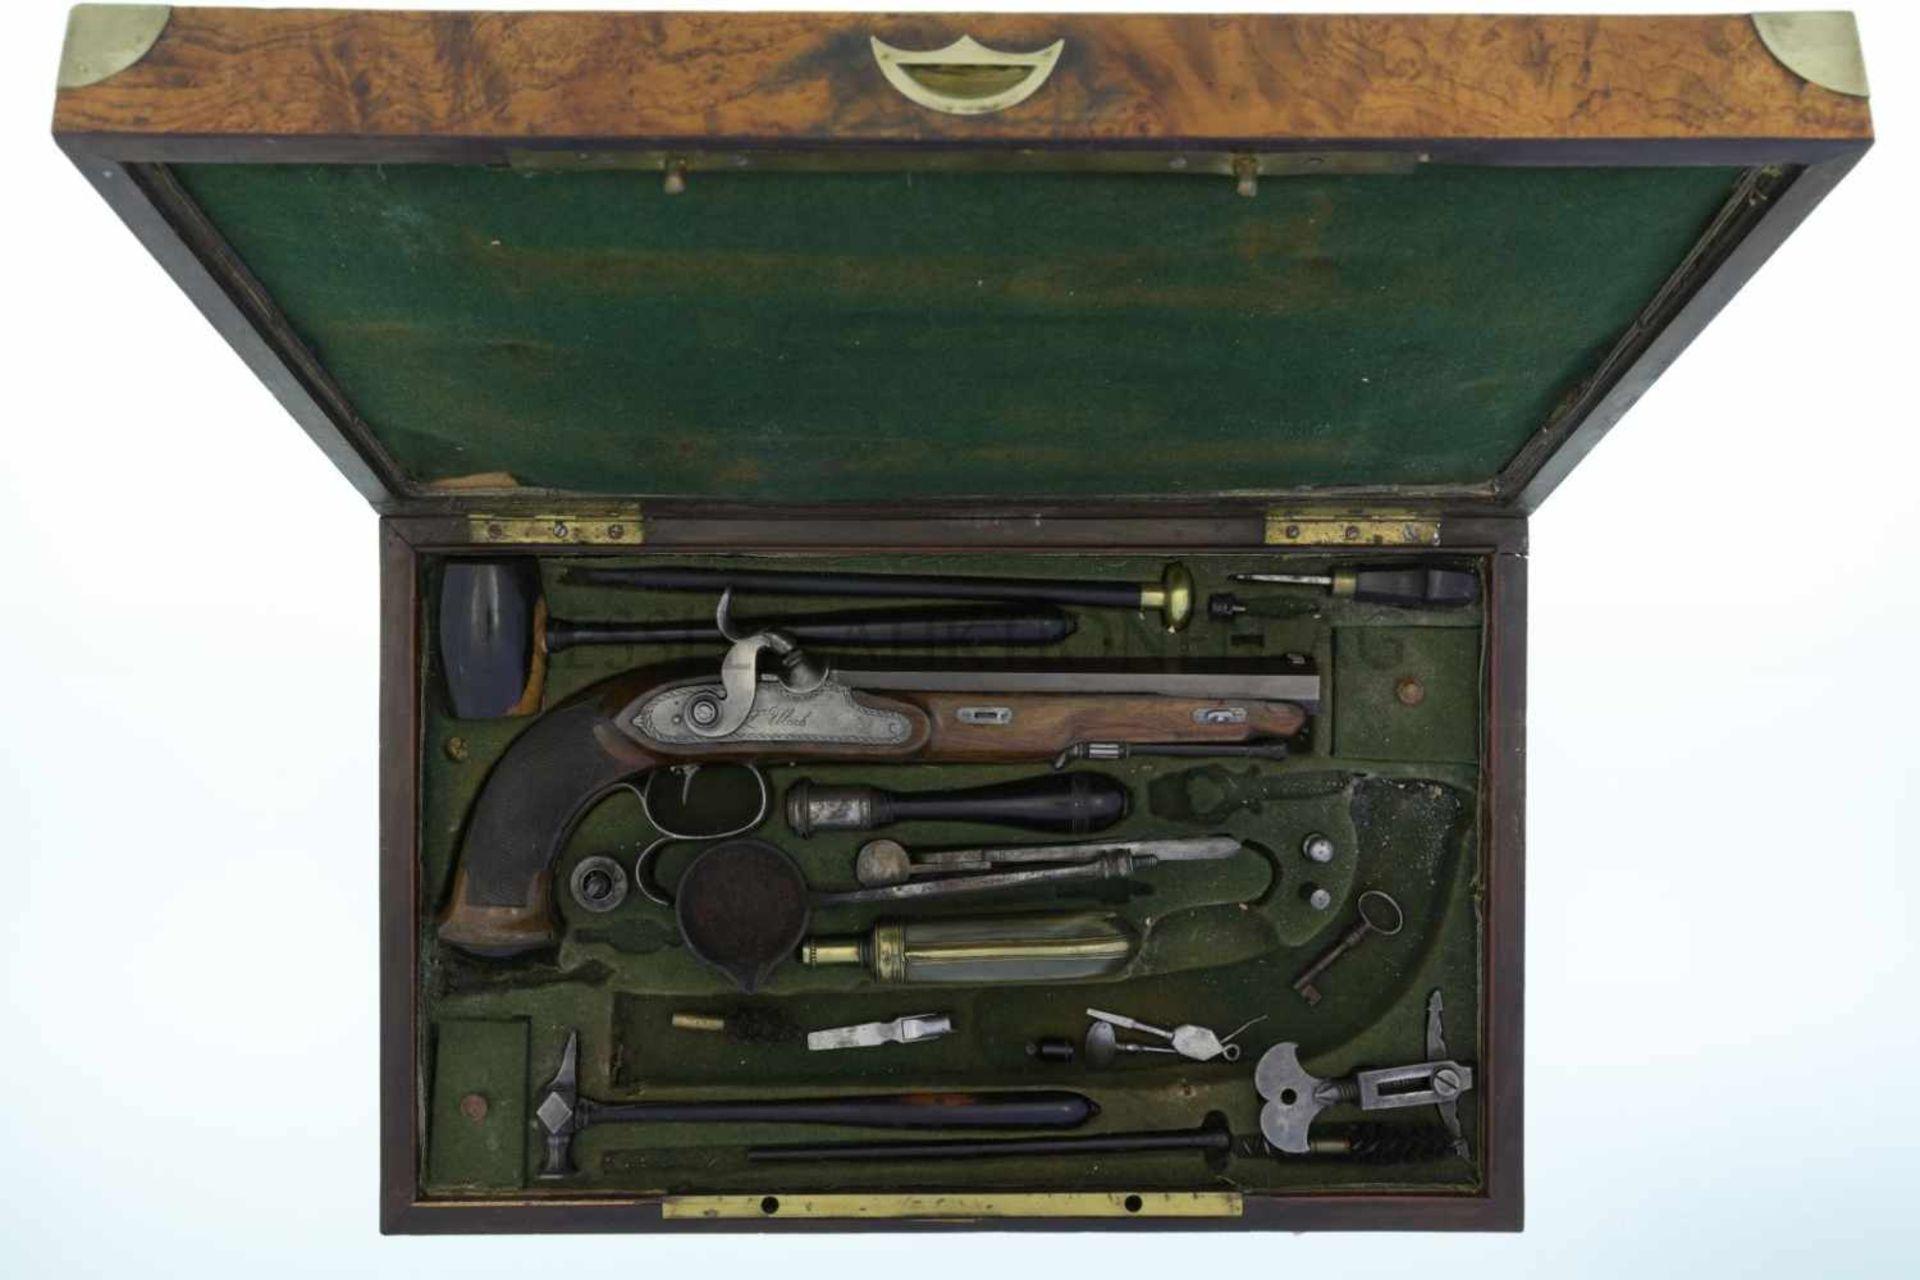 Perkussionspistole, F. Ulrich, Bern, Kal. 9.5mm LL 190mm, brünierter Achtkantlauf, Kimme auf der